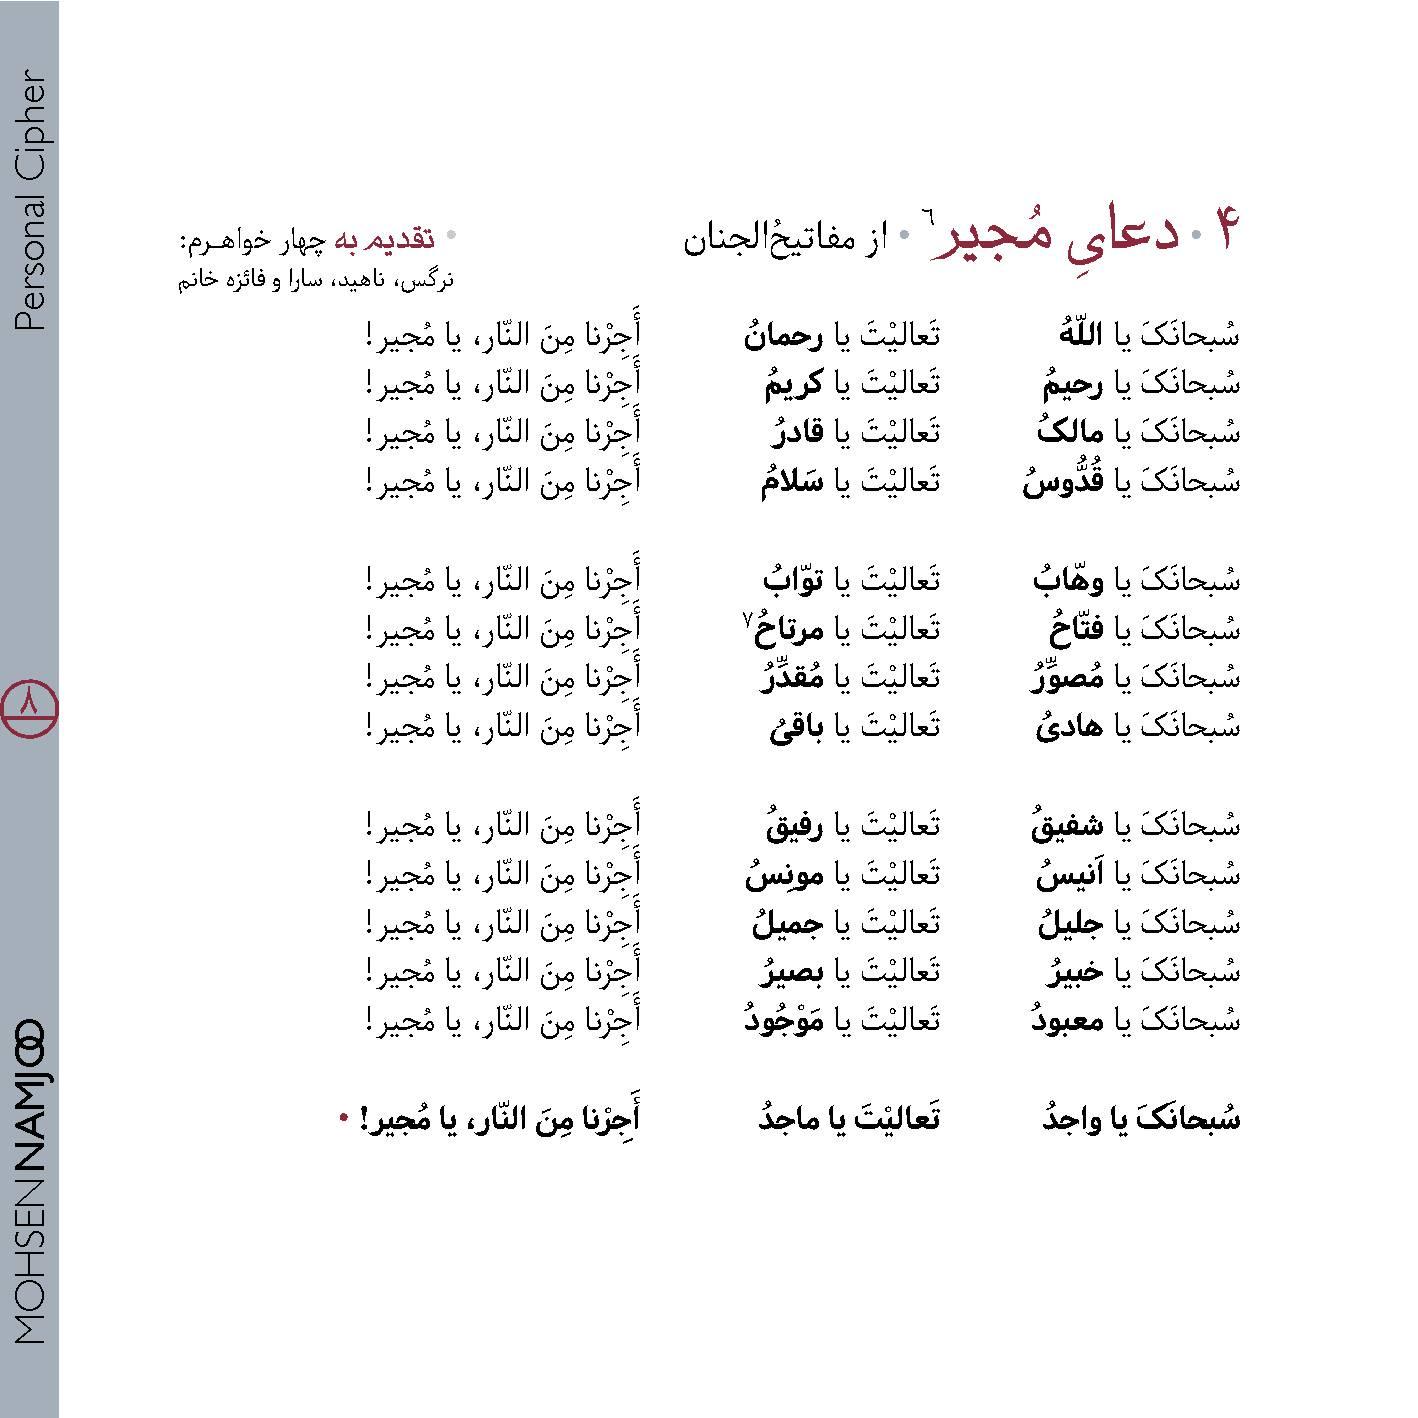 file-page8.jpg